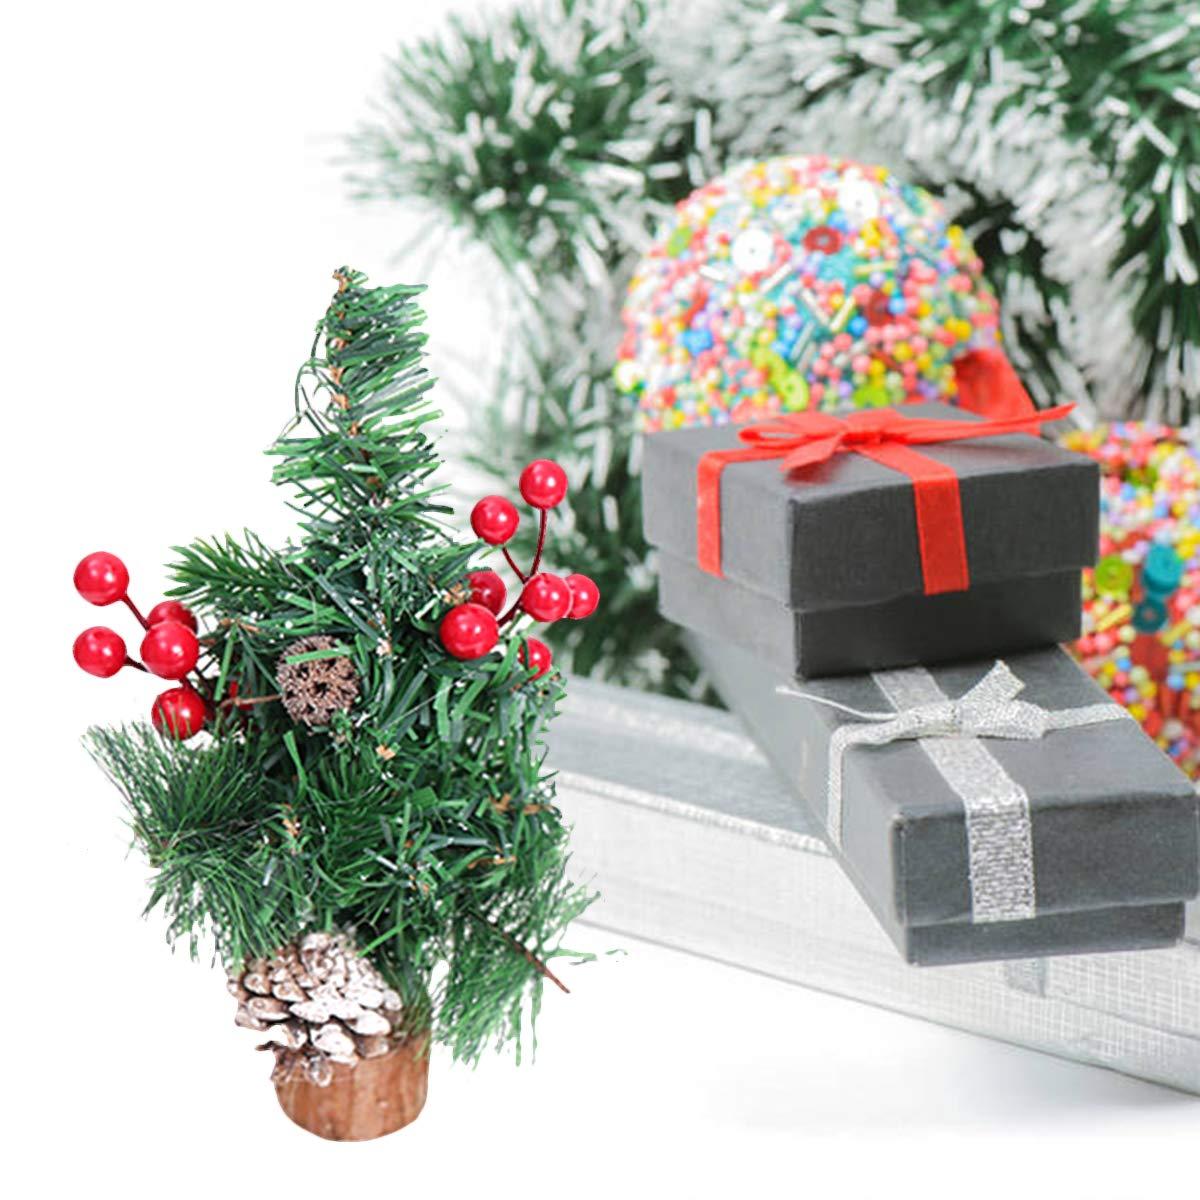 BESTOYARD Mesa Mini árbol de Navidad con Navidad Holy Berry Pine Cono Base de Madera Decoración Navidad Adornos Suministros para Fiestas navideñas: Amazon.es: Hogar